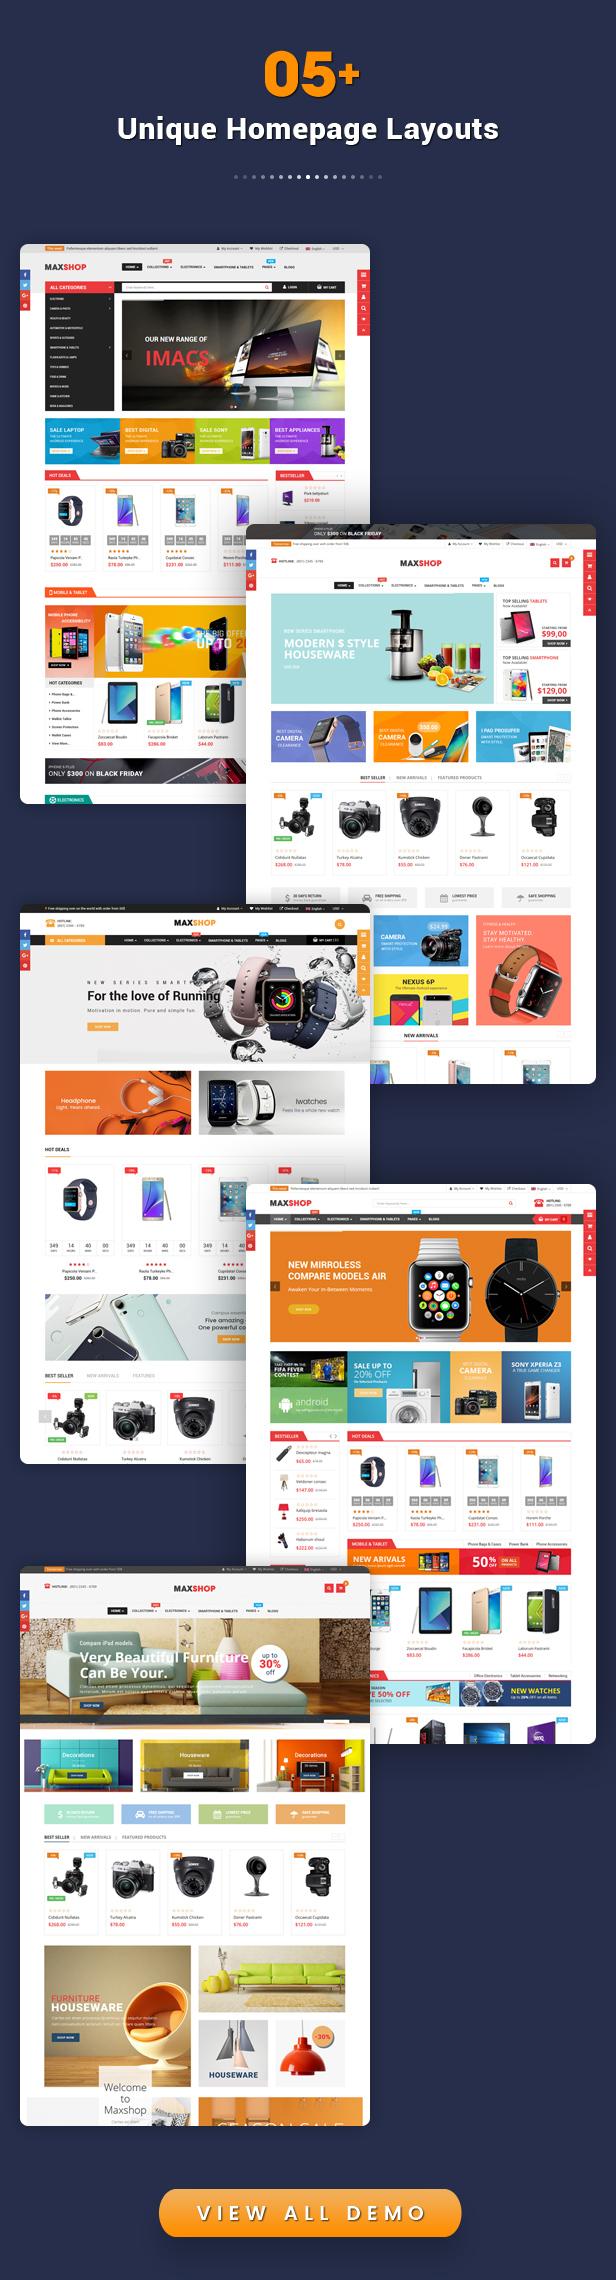 Maxshop - Best Drag & Drop Shopify Theme for Online Store